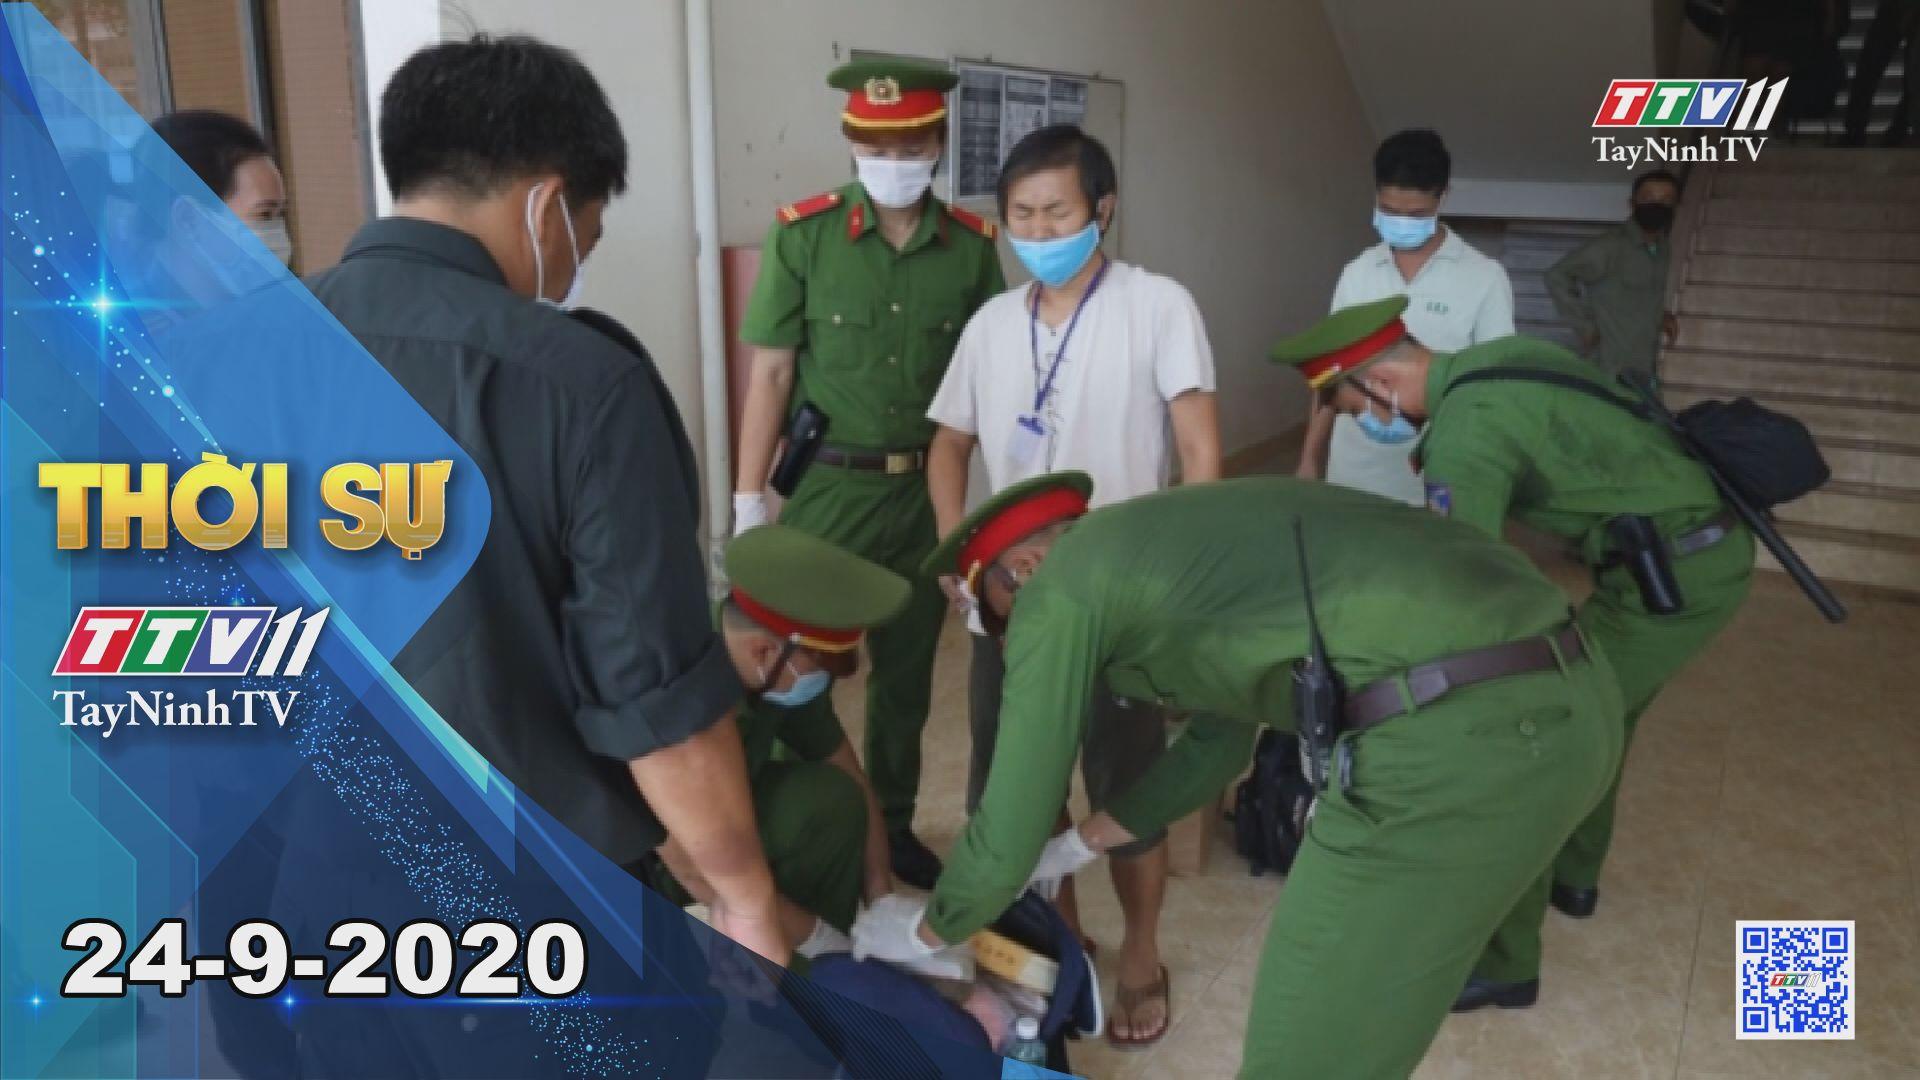 Thời sự Tây Ninh 24-9-2020 | Tin tức hôm nay | TayNinhTV